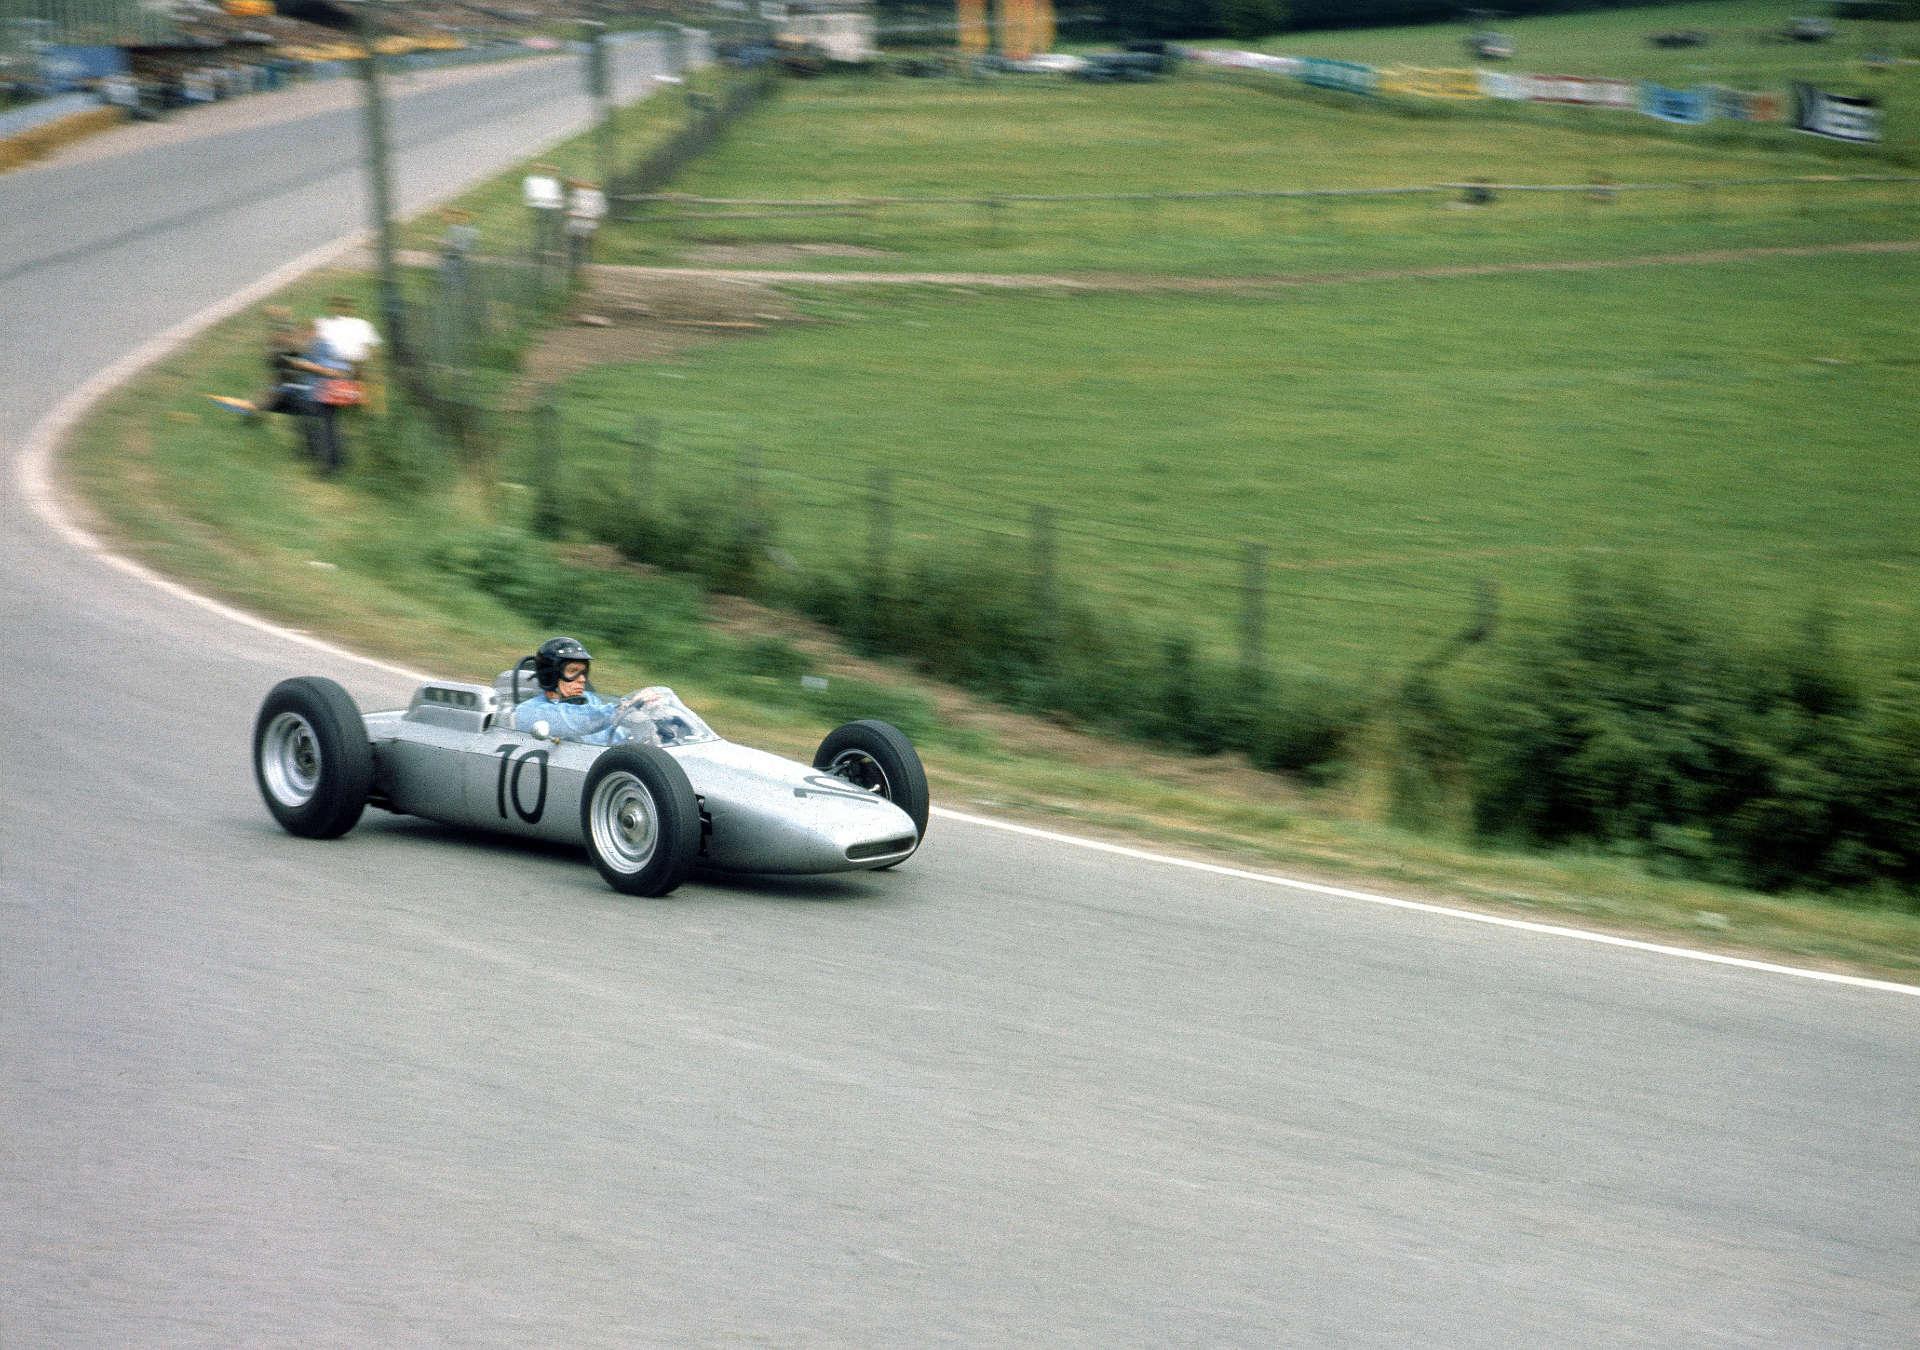 Solitude 1962: Dan Gurney gewinnt mit dem Porsche 804 Formel 1.